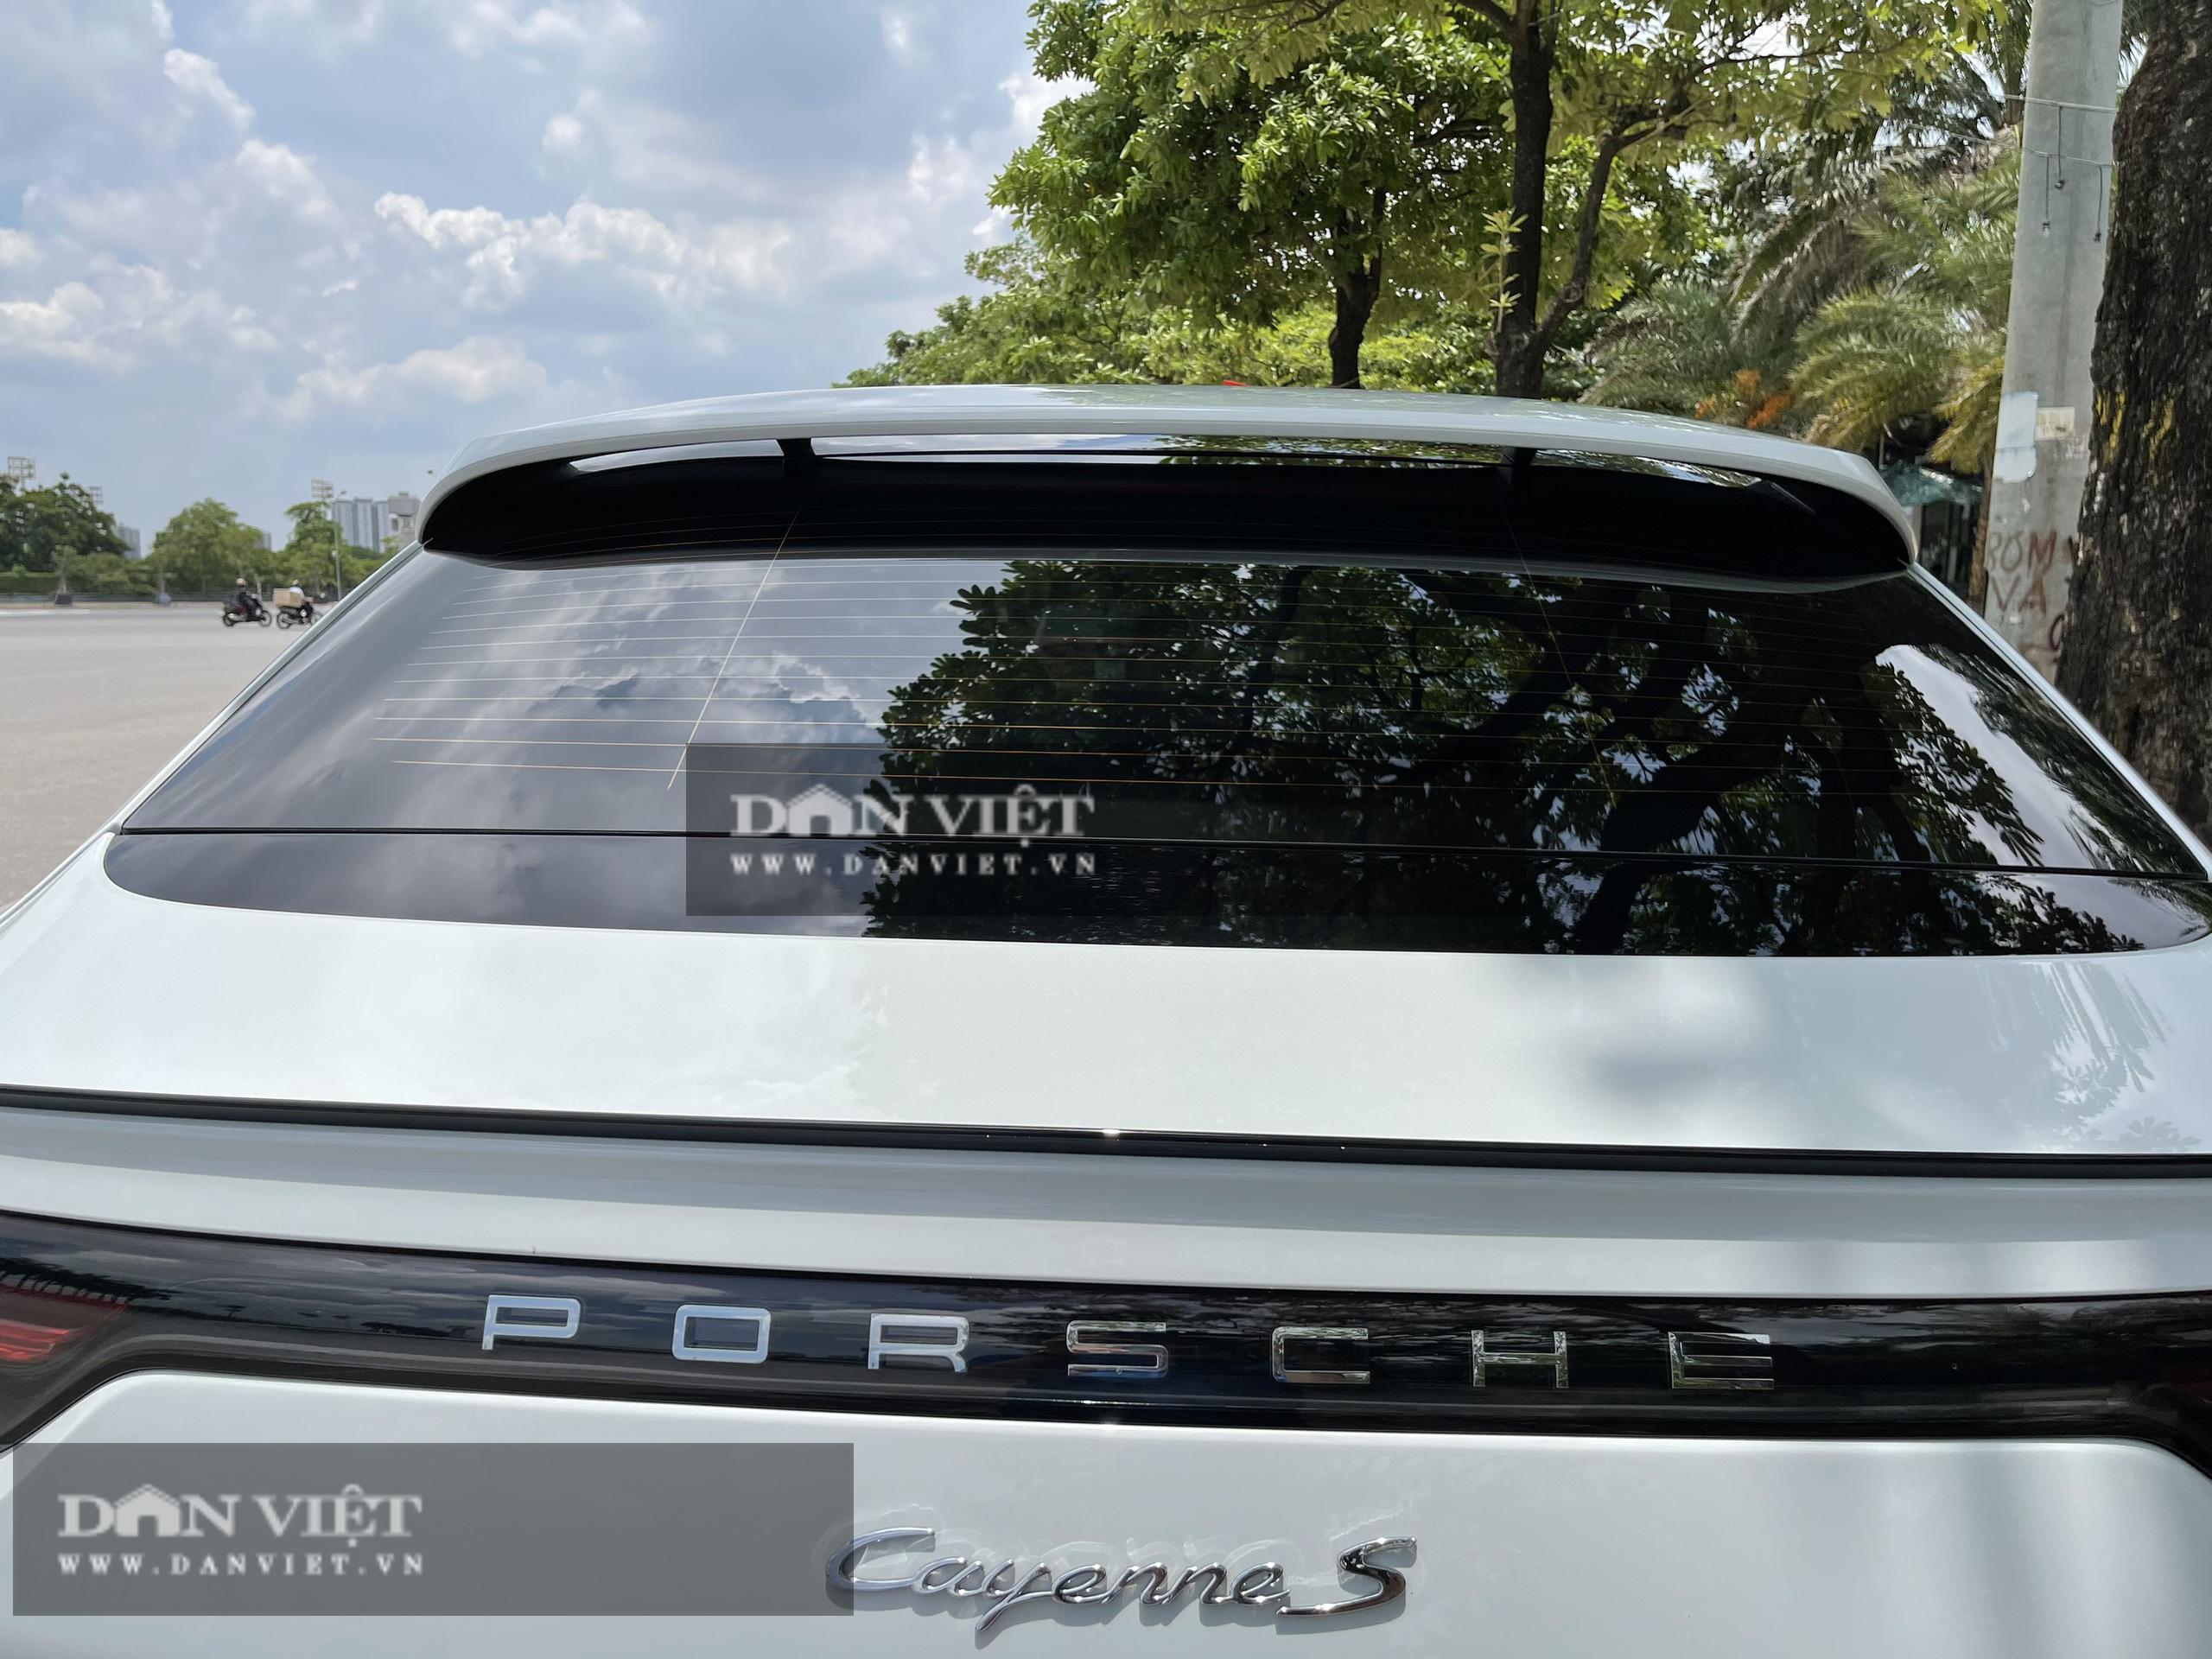 """Chủ siêu xe Porsche Cayenne Coupe độc nhất Việt Nam: """"Khi ôm vô-lăng là tận hưởng"""" - Ảnh 4."""